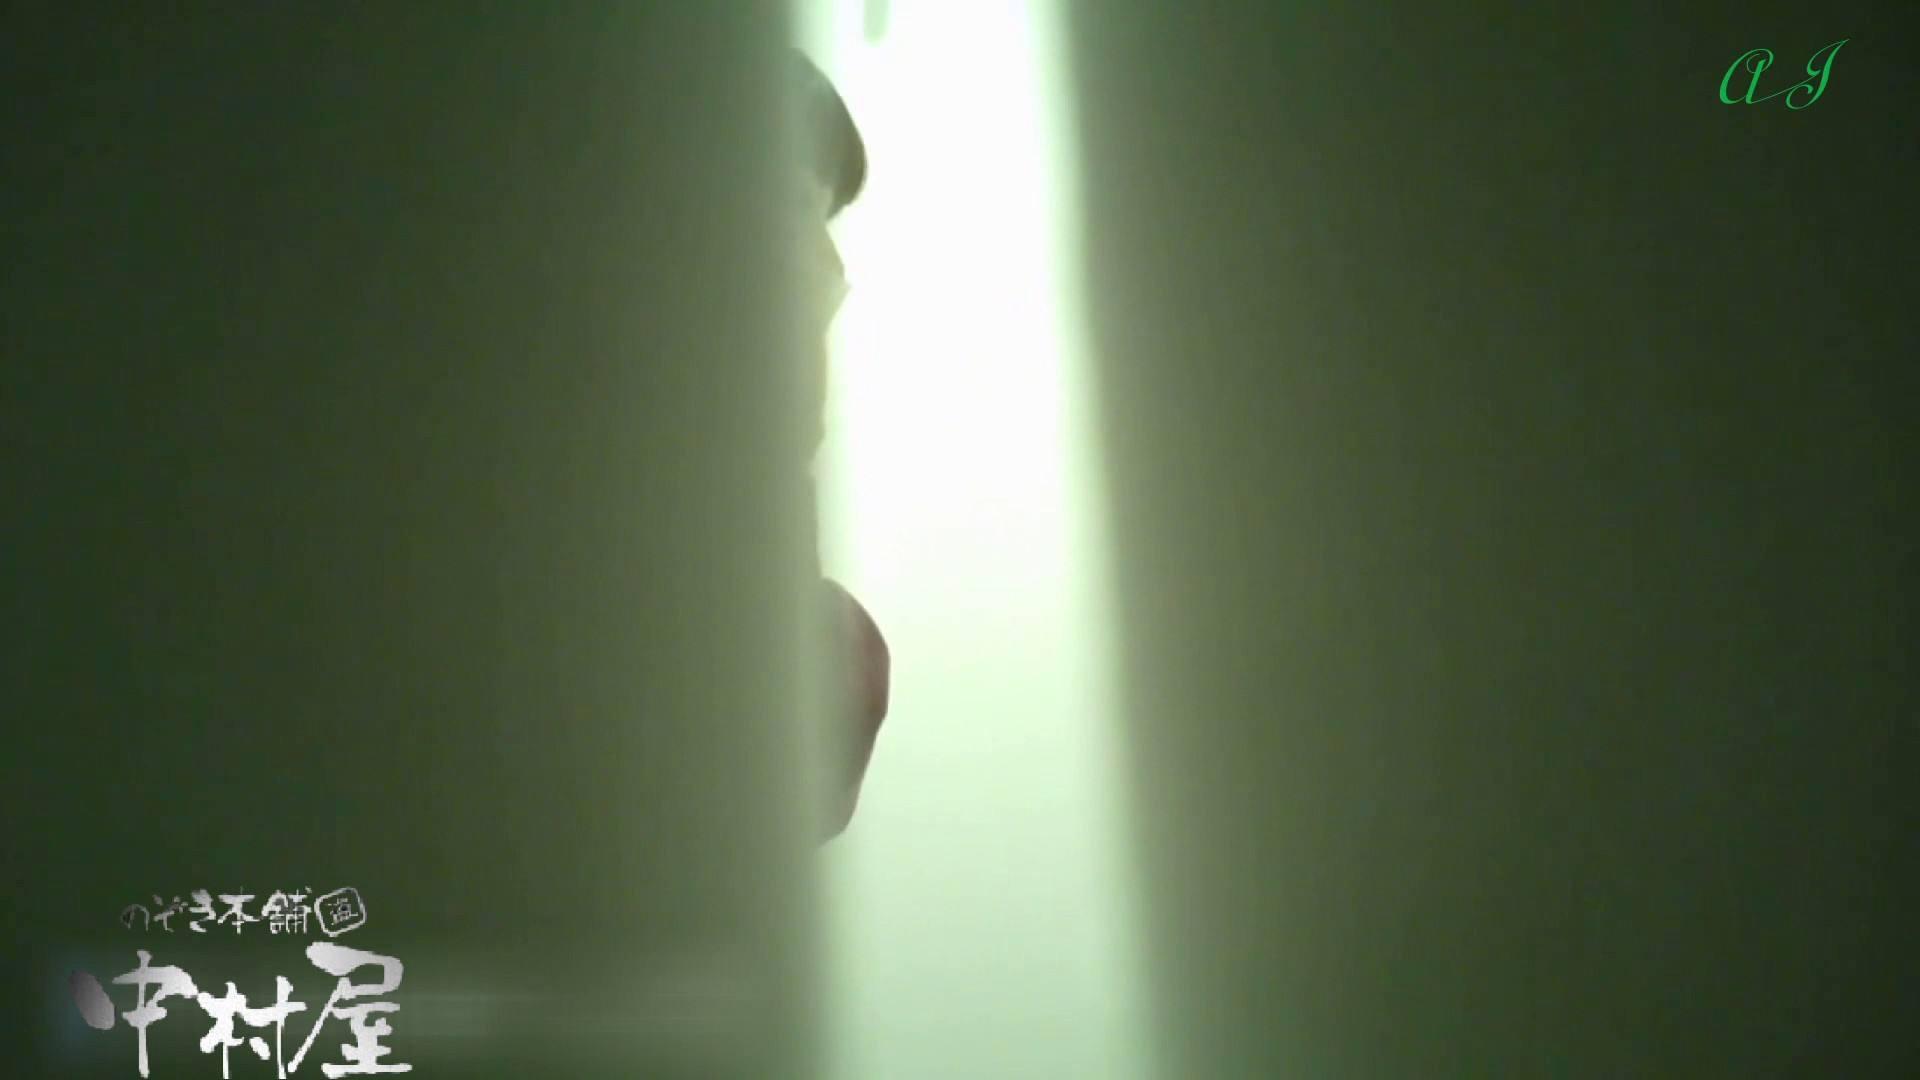 新アングル 4名の美女達 有名大学女性洗面所 vol.76後編 潜入 ワレメ無修正動画無料 68PICs 32